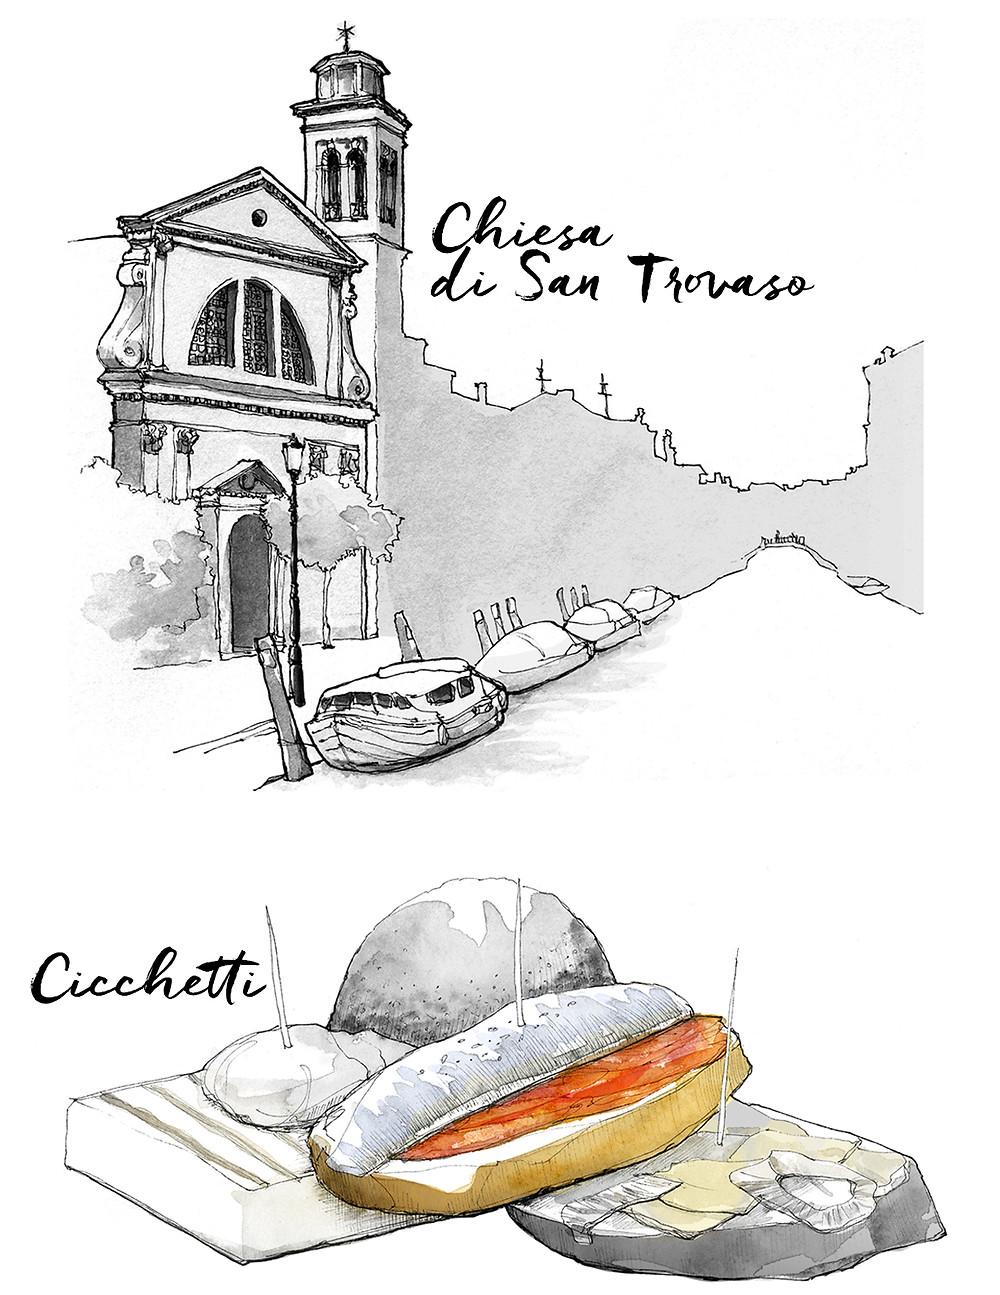 Blog Viaggi Italia Marcellooo.fr Venezia itinerario consigli indirizzi illustrazioni Jdan